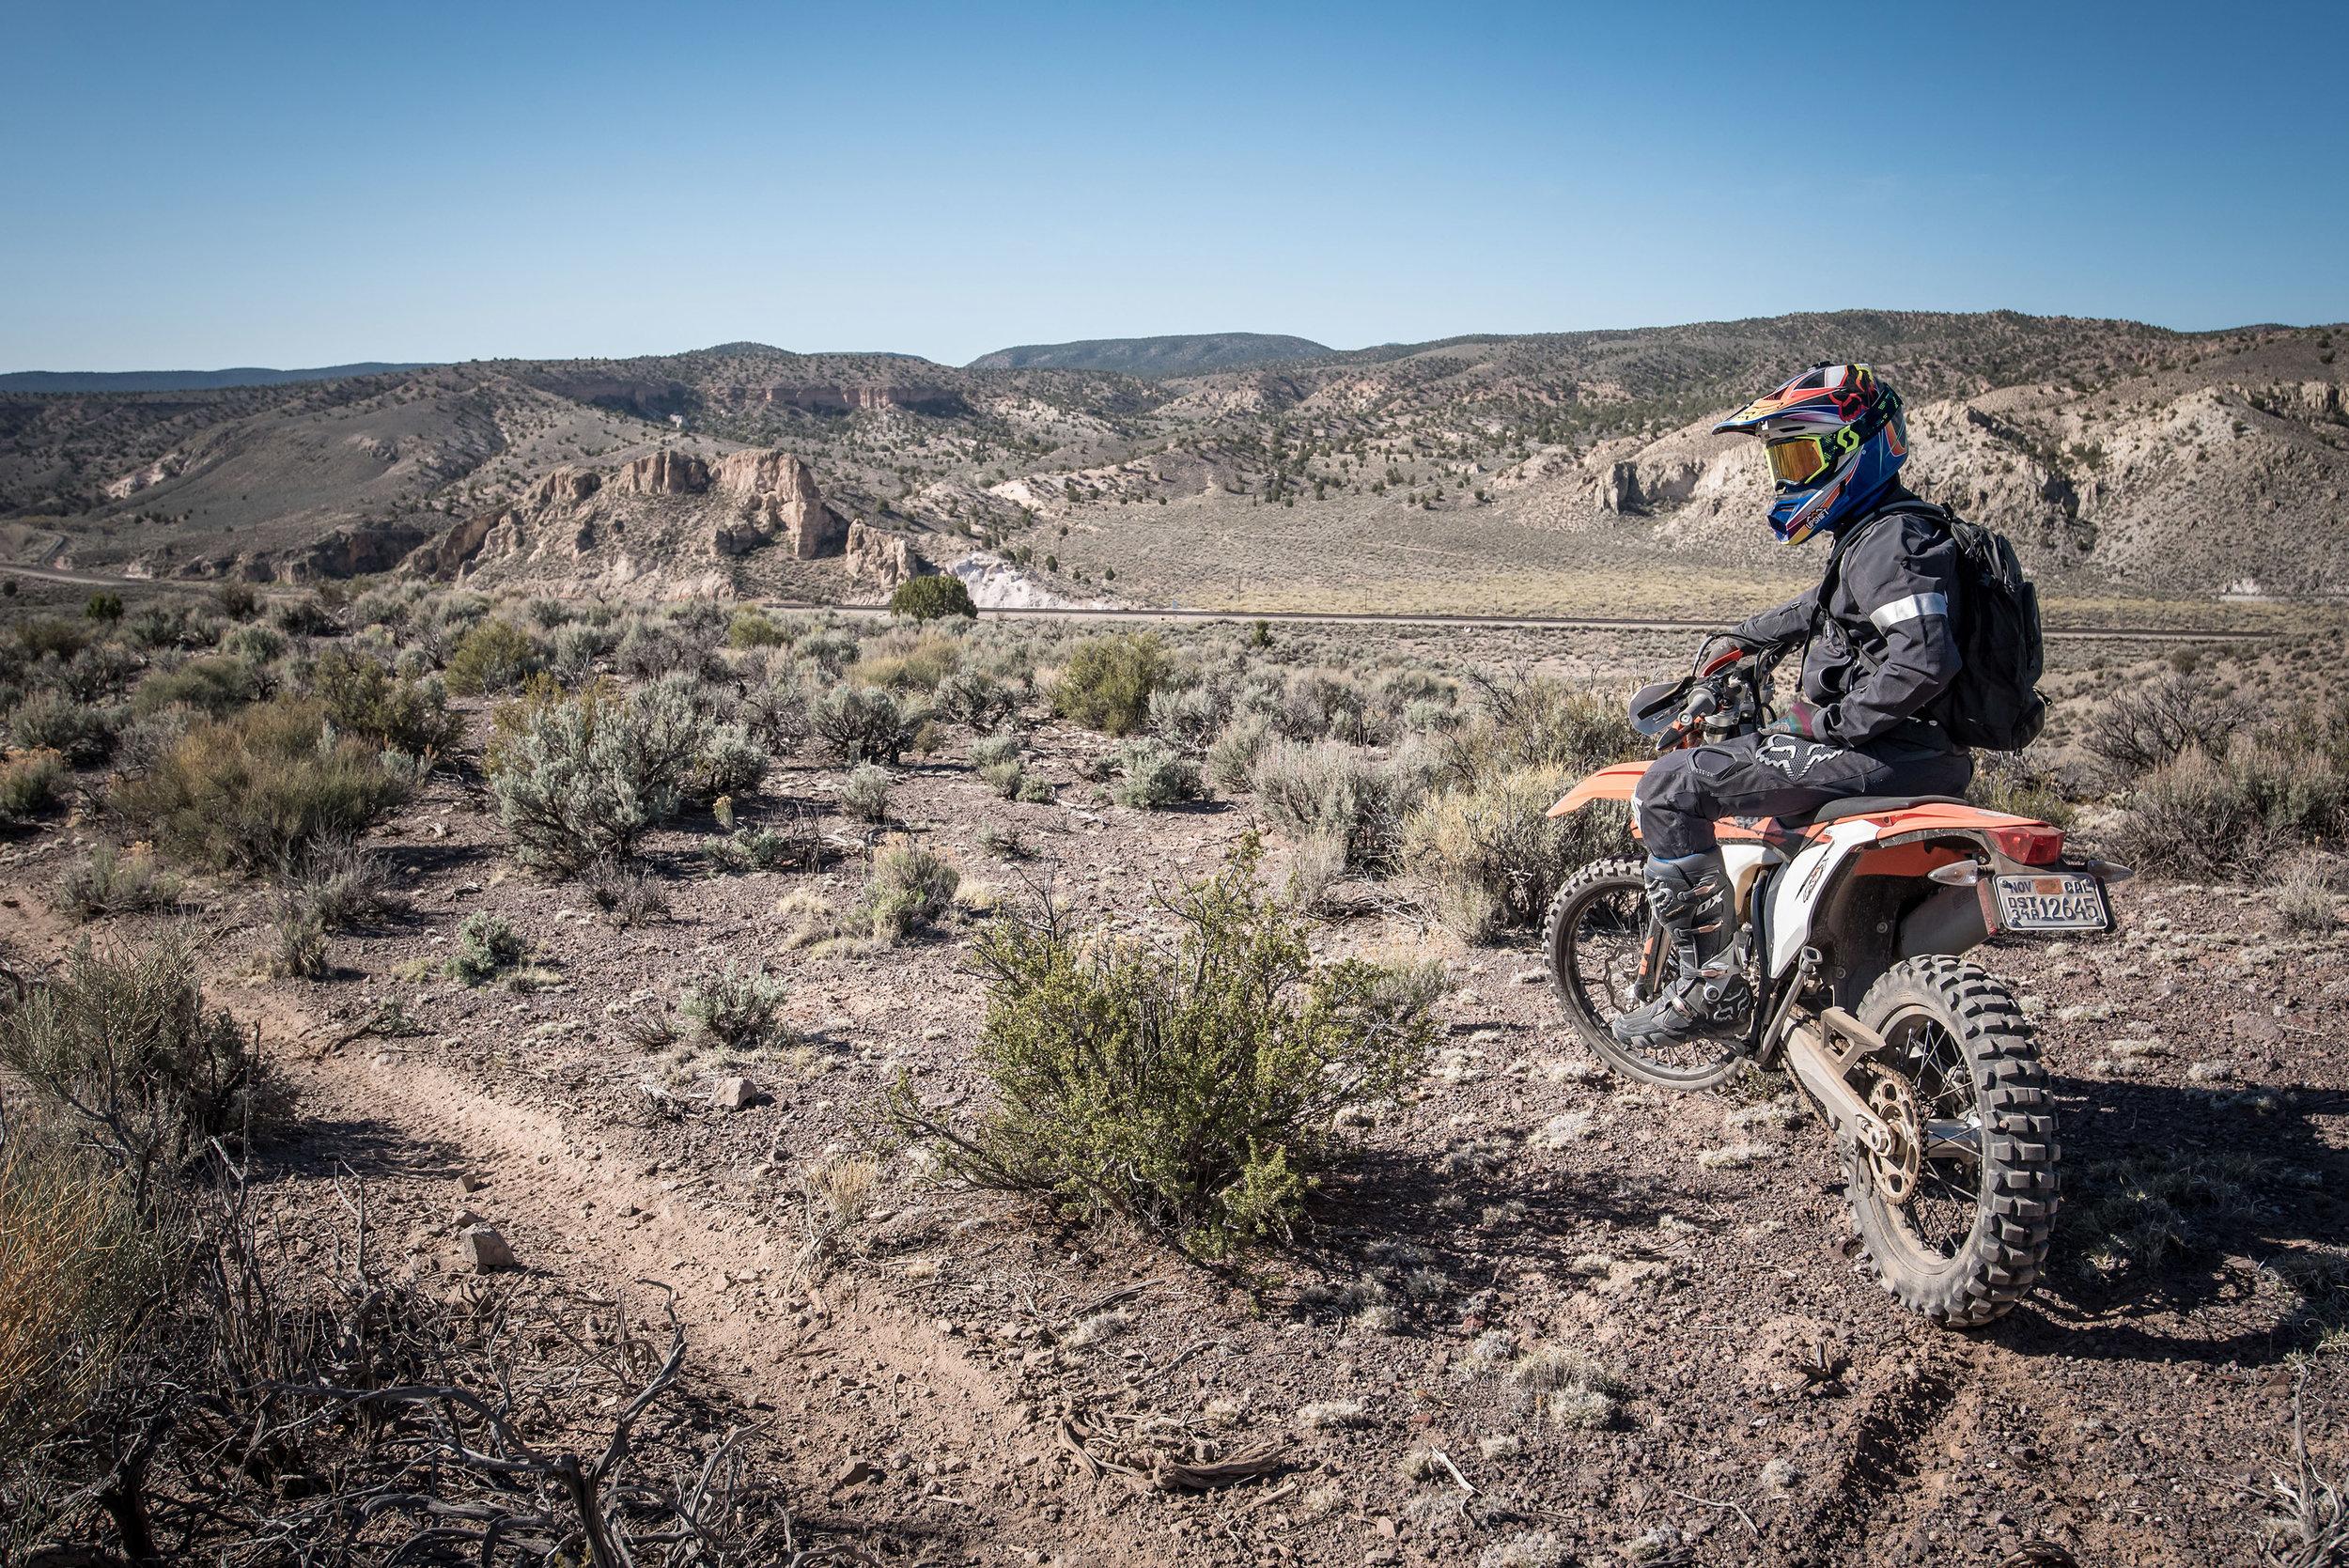 Nevada200-2018-Cudby0024.JPG